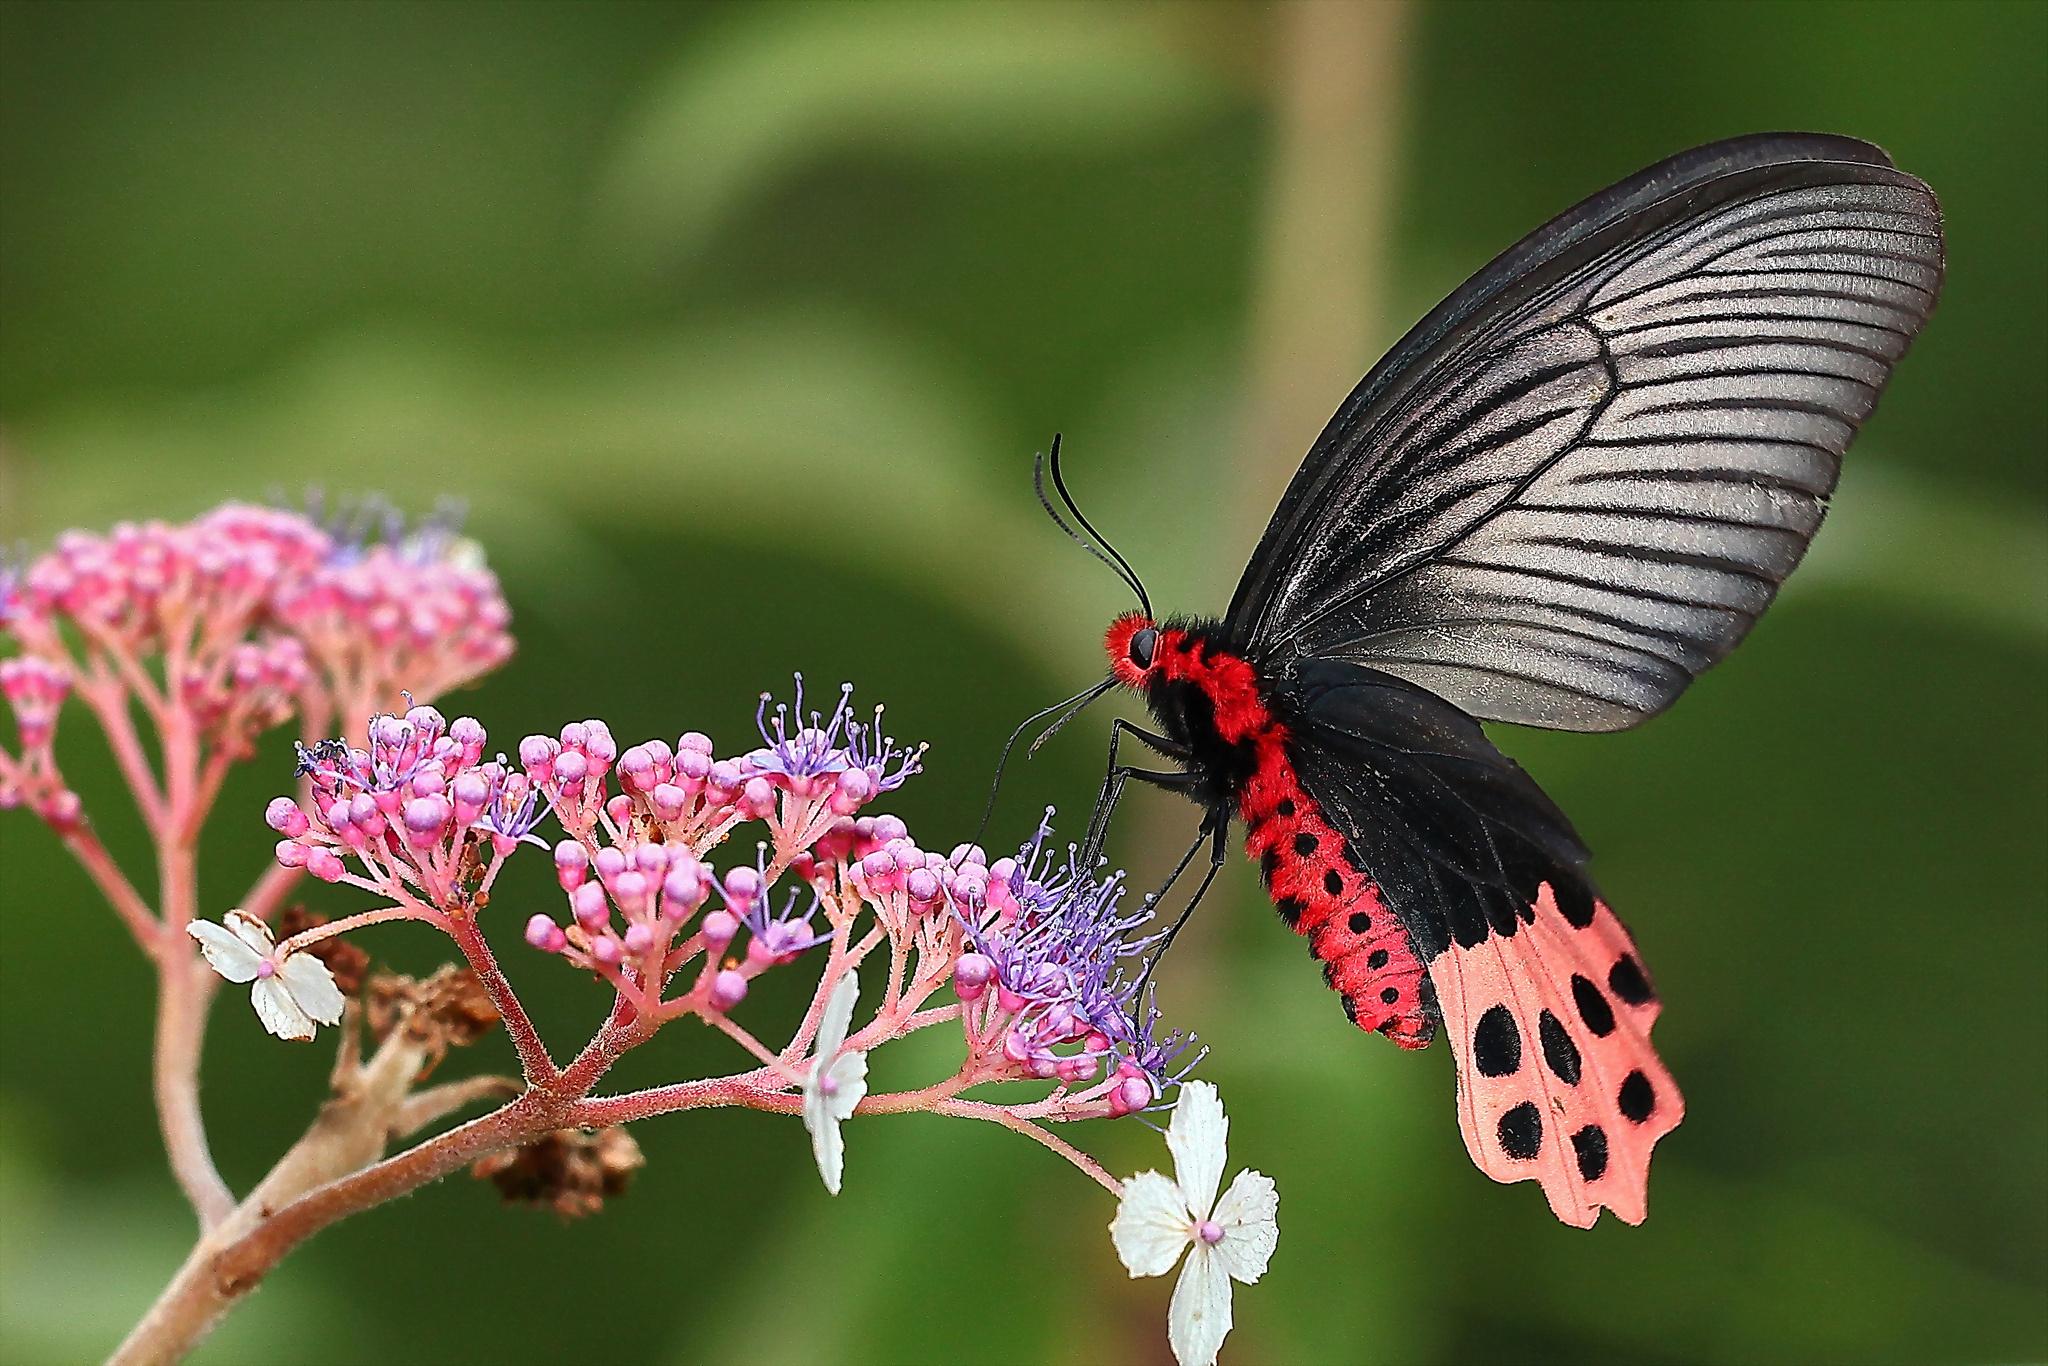 Скачать бесплатно обои бабочки на рабочий стол   подборка (28)